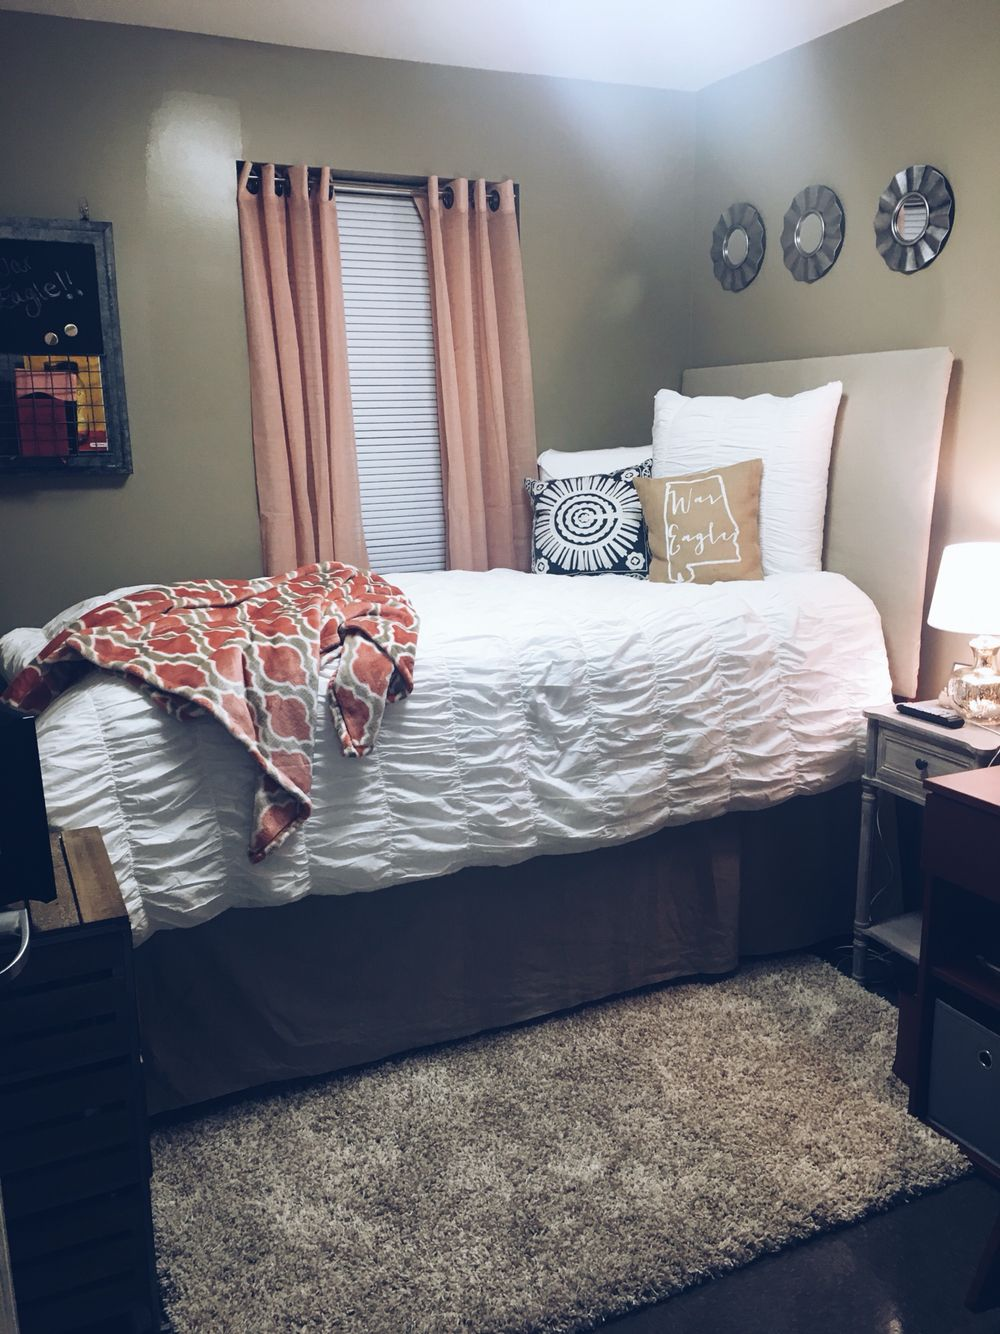 223855 dorm room ideas diy decoration ideas for Auburn bedroom ideas